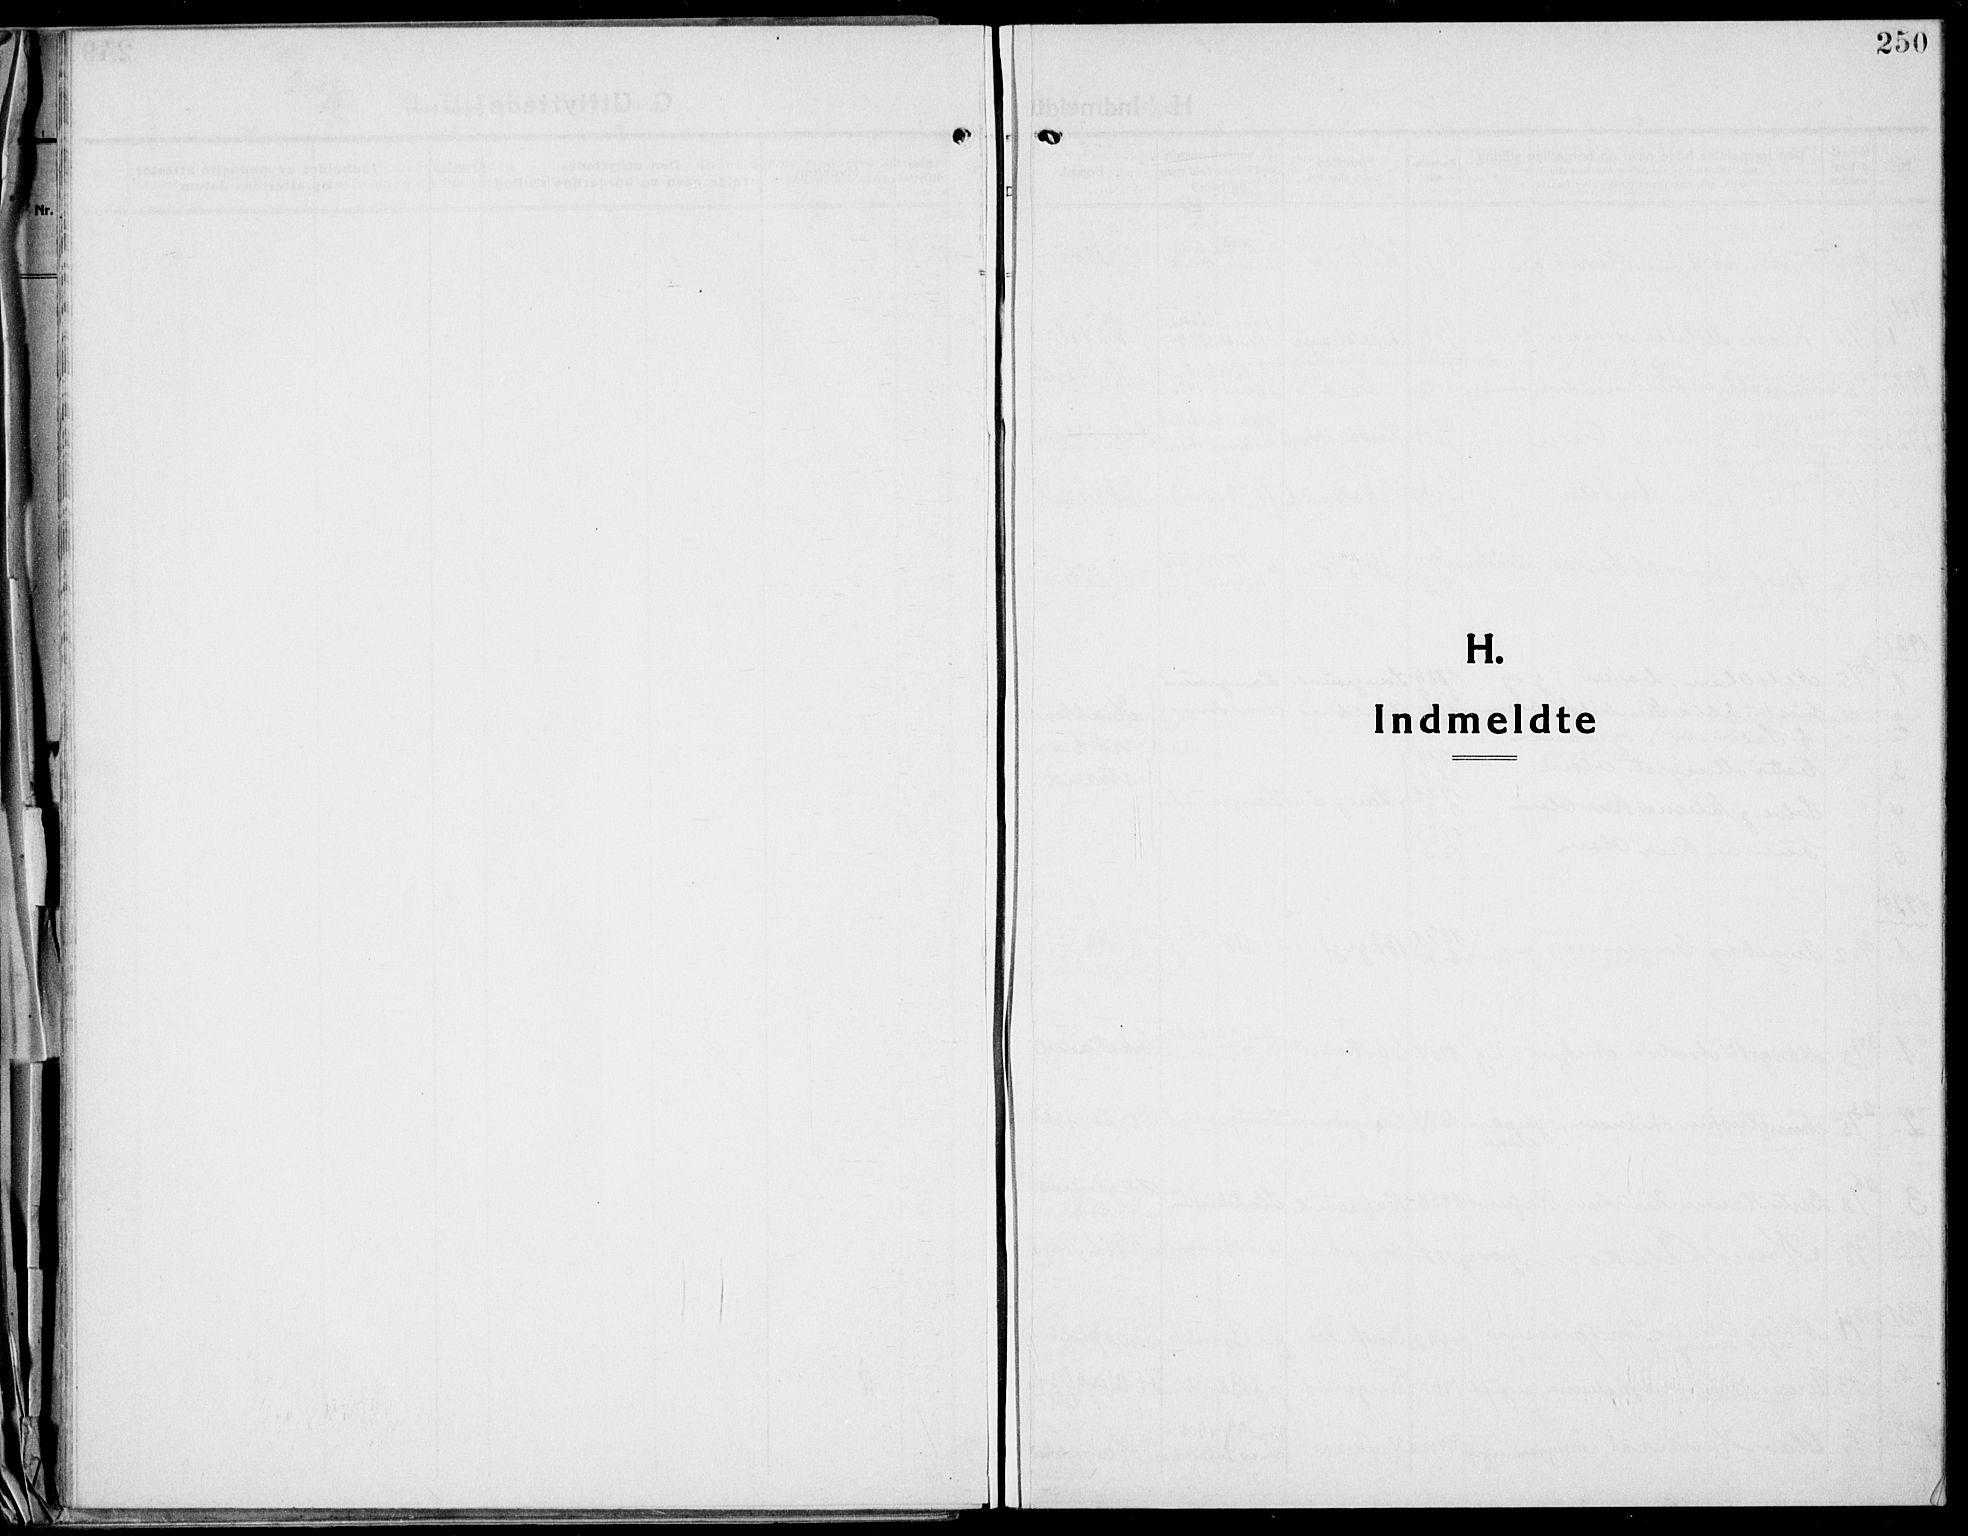 SAKO, Bamble kirkebøker, G/Ga/L0011: Klokkerbok nr. I 11, 1920-1935, s. 250